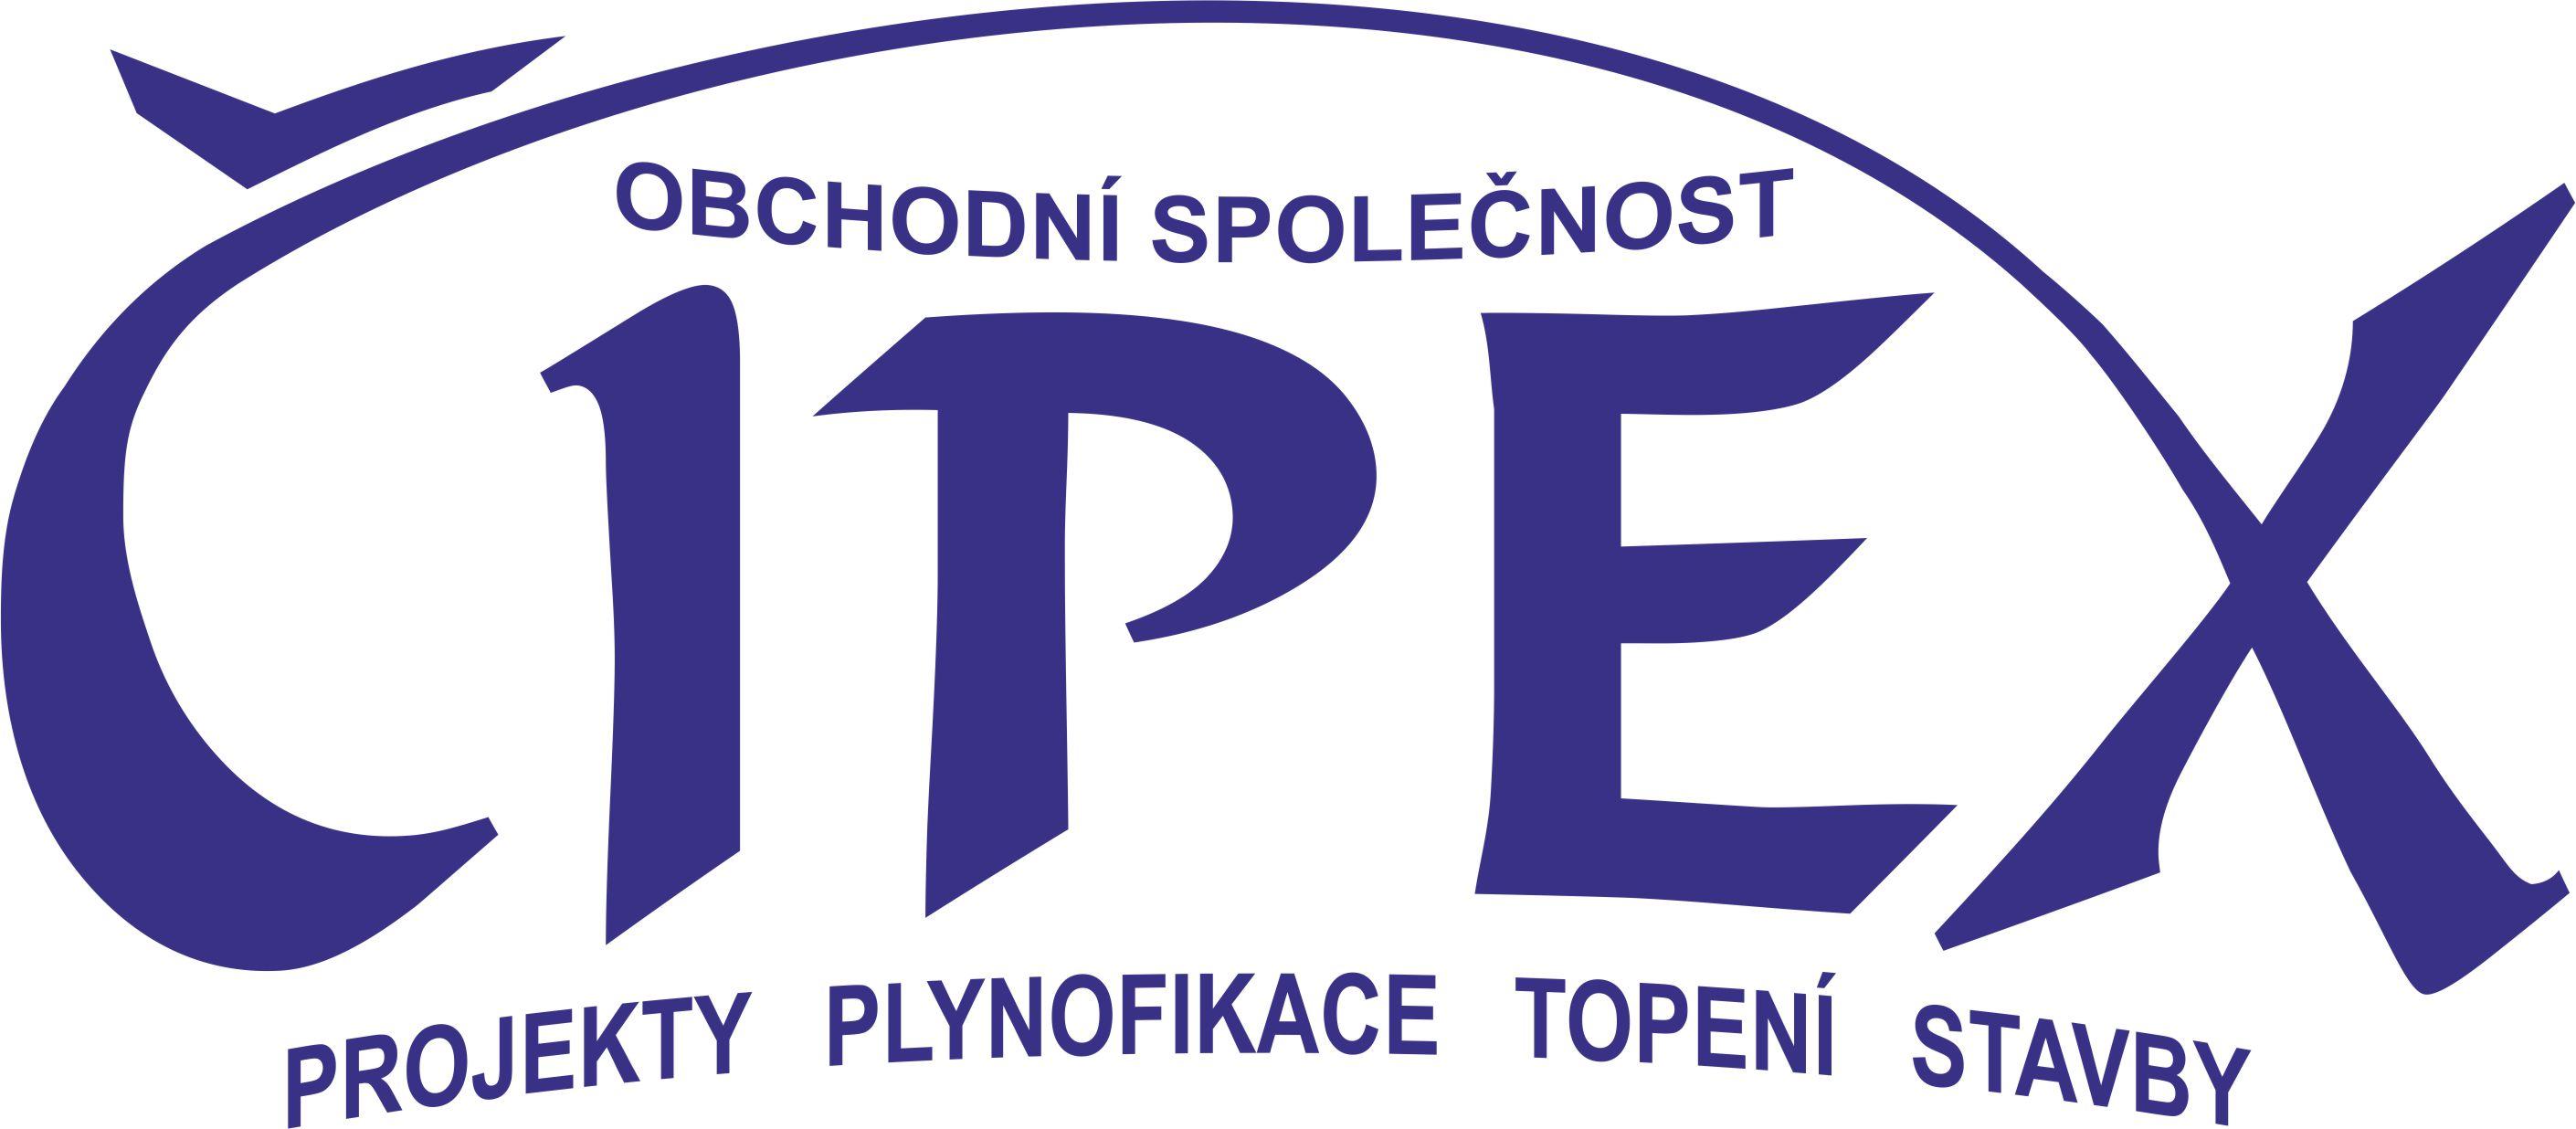 Čipex